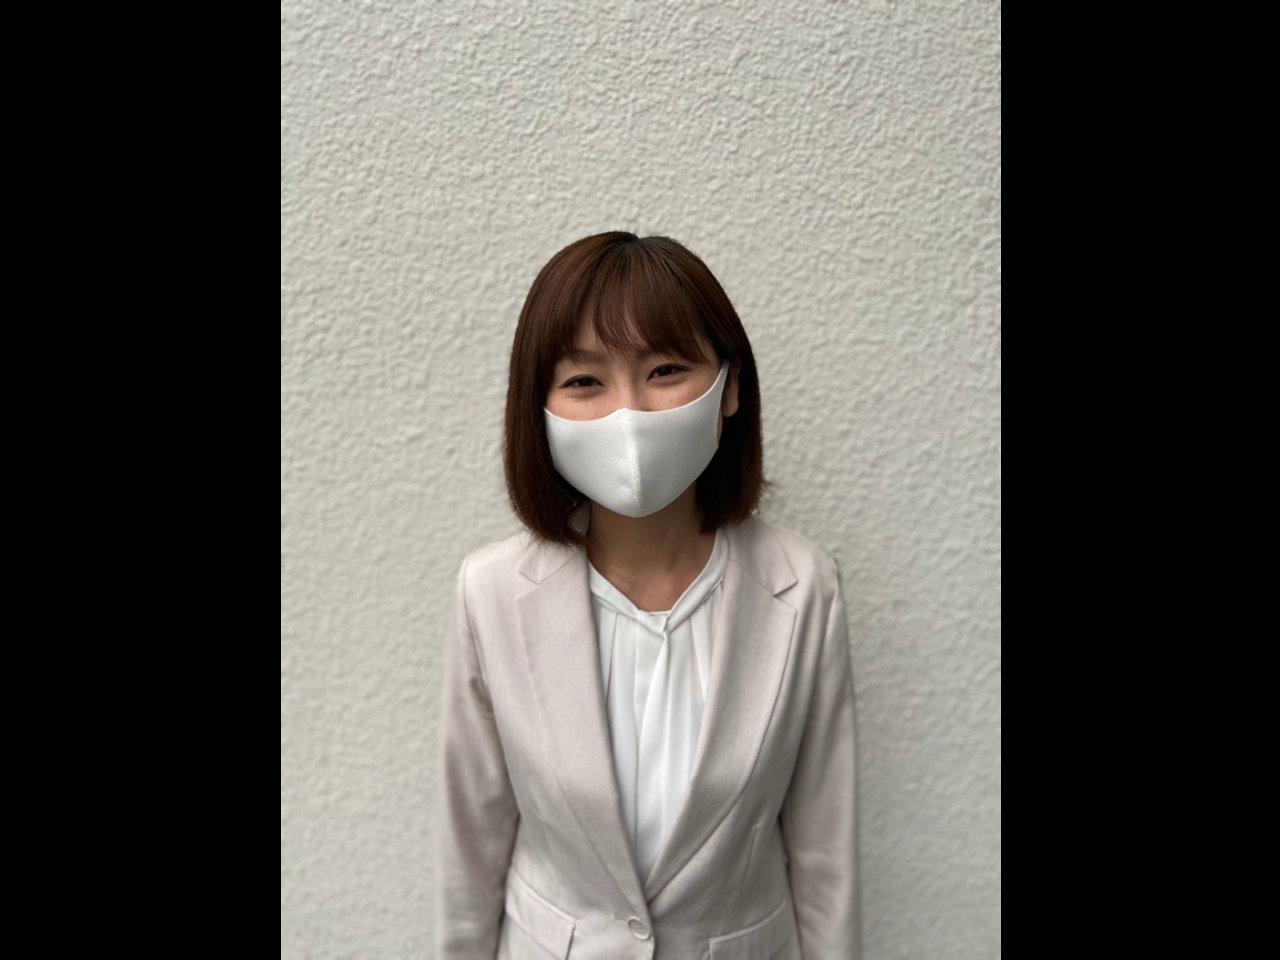 福島に貢献したい。福島の企業が今回は冬用の通気性に優れた「布マスク」の販売。